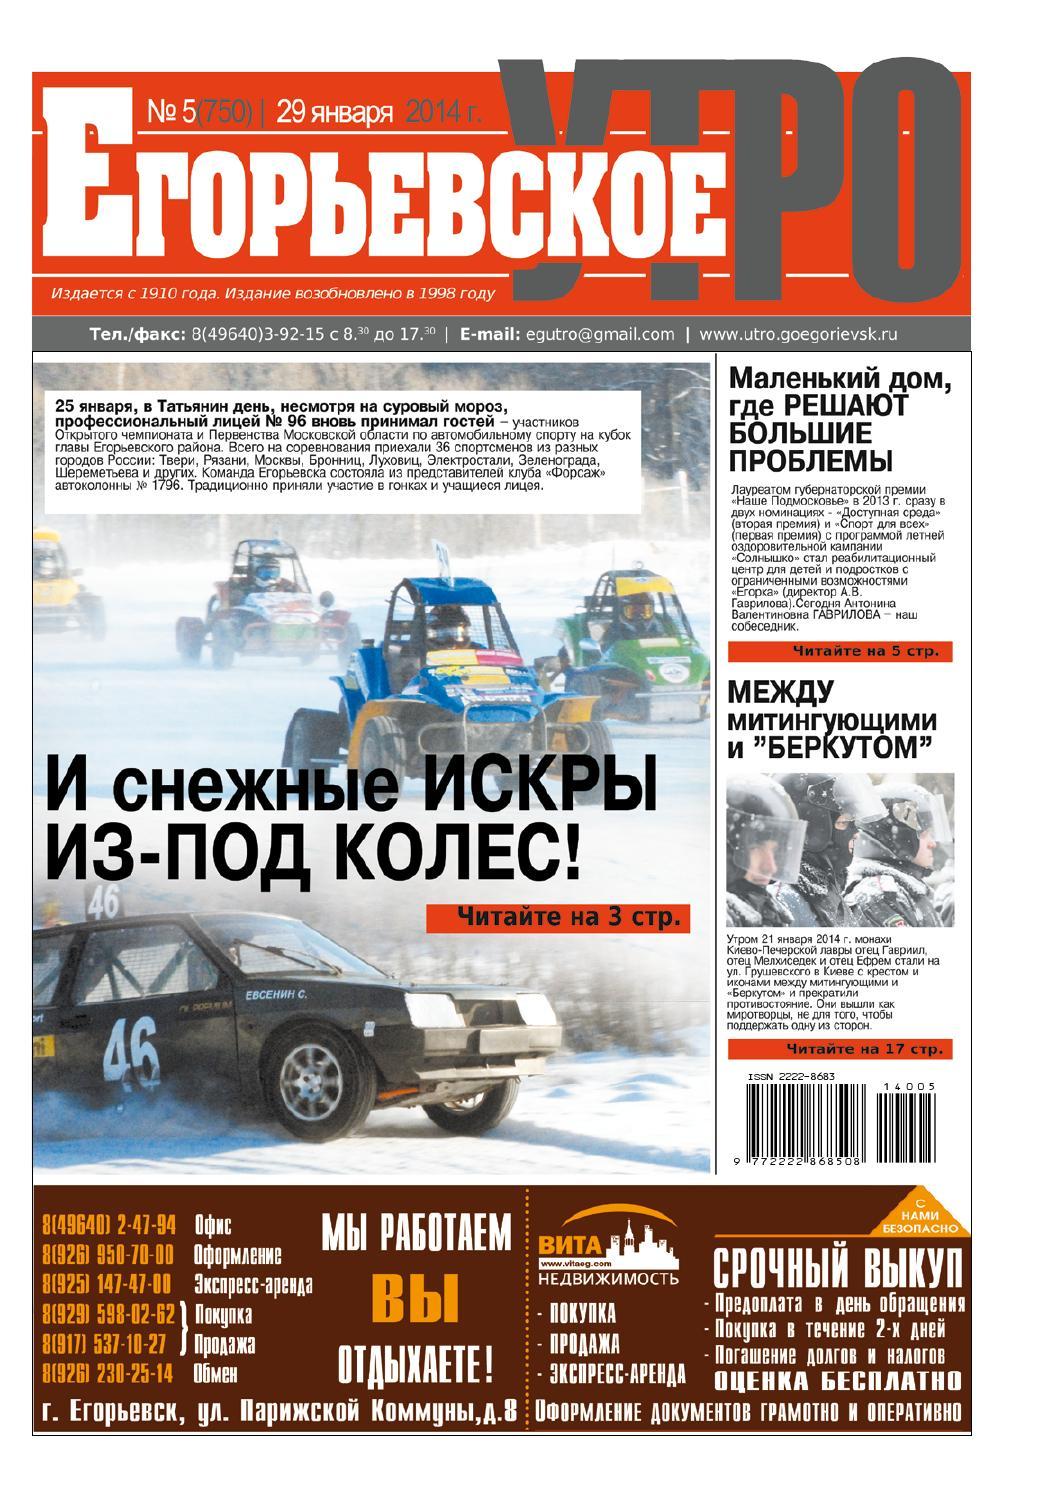 Займы под птс в москве Никитинская улица займ под птс в новосибирске отзывы